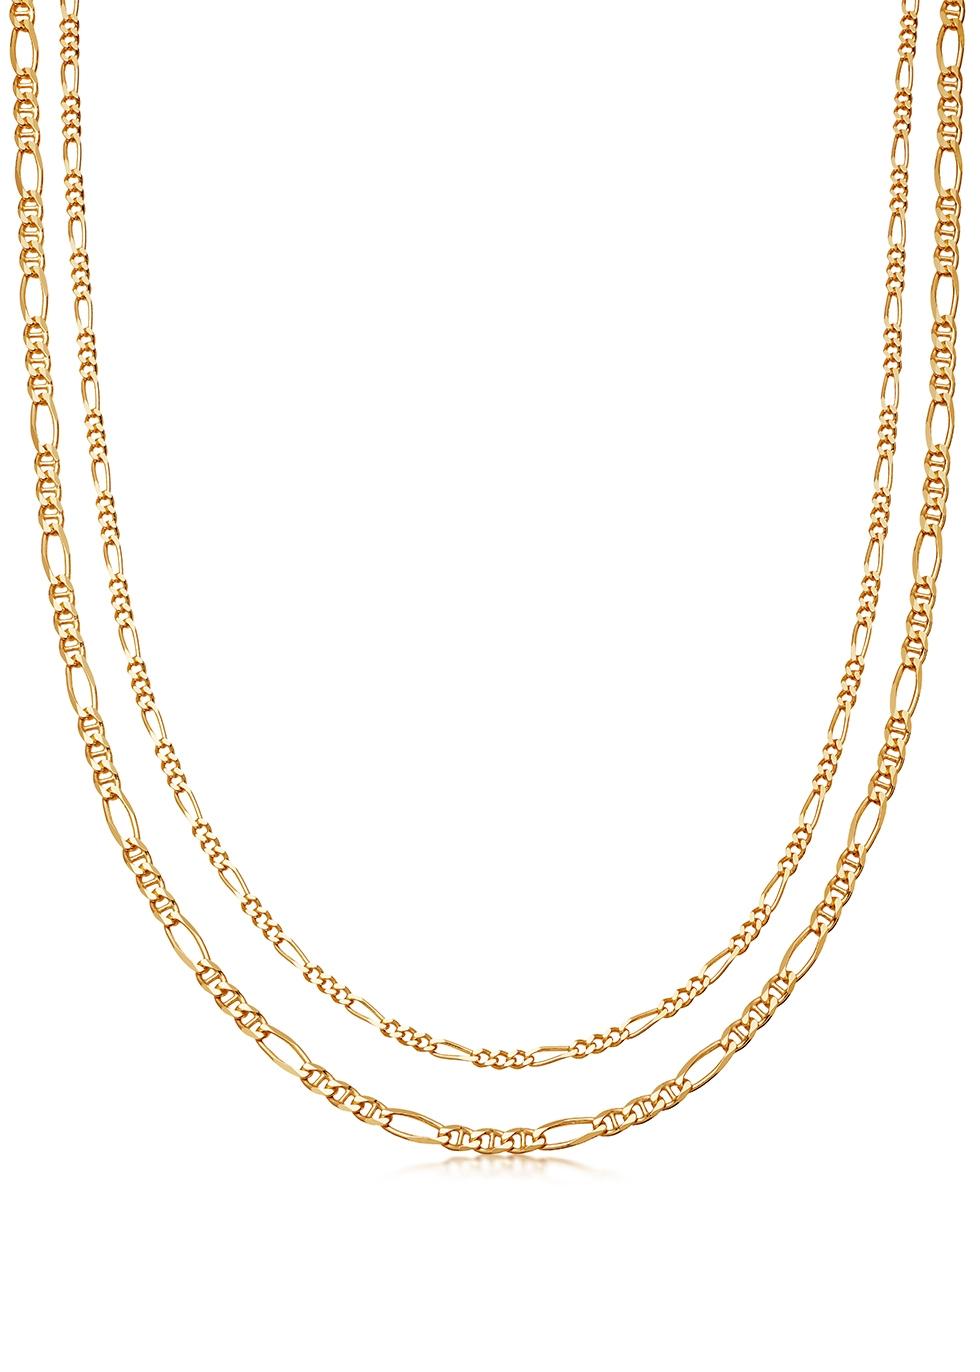 Filia 18kt gold vermeil double chain necklace